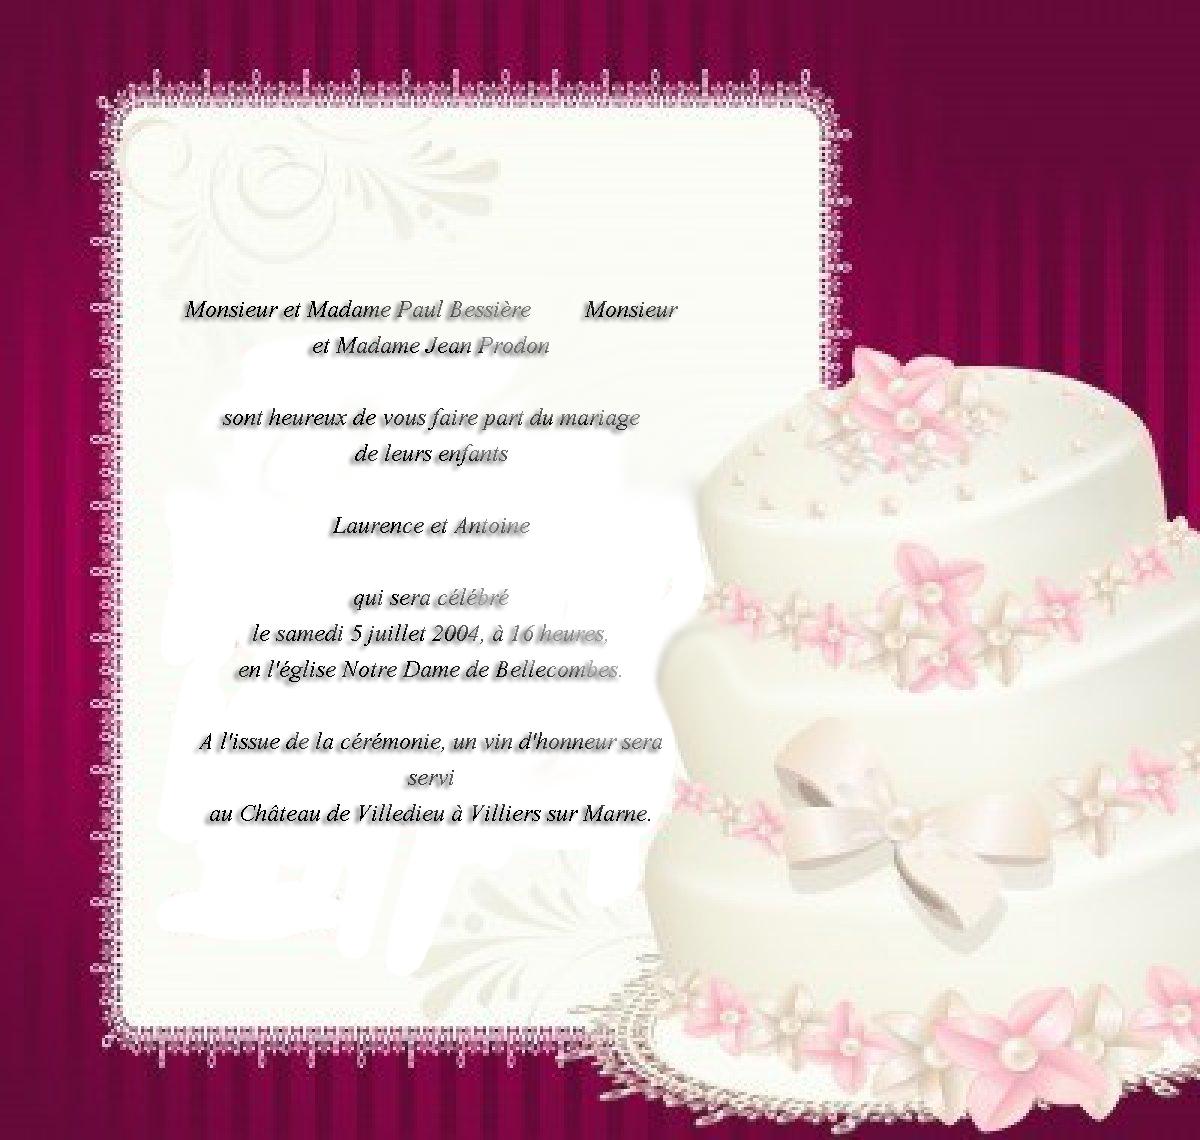 texte invitation anniversaire de mariage planet cardscom hd - Mot De Flicitation Pour Mariage